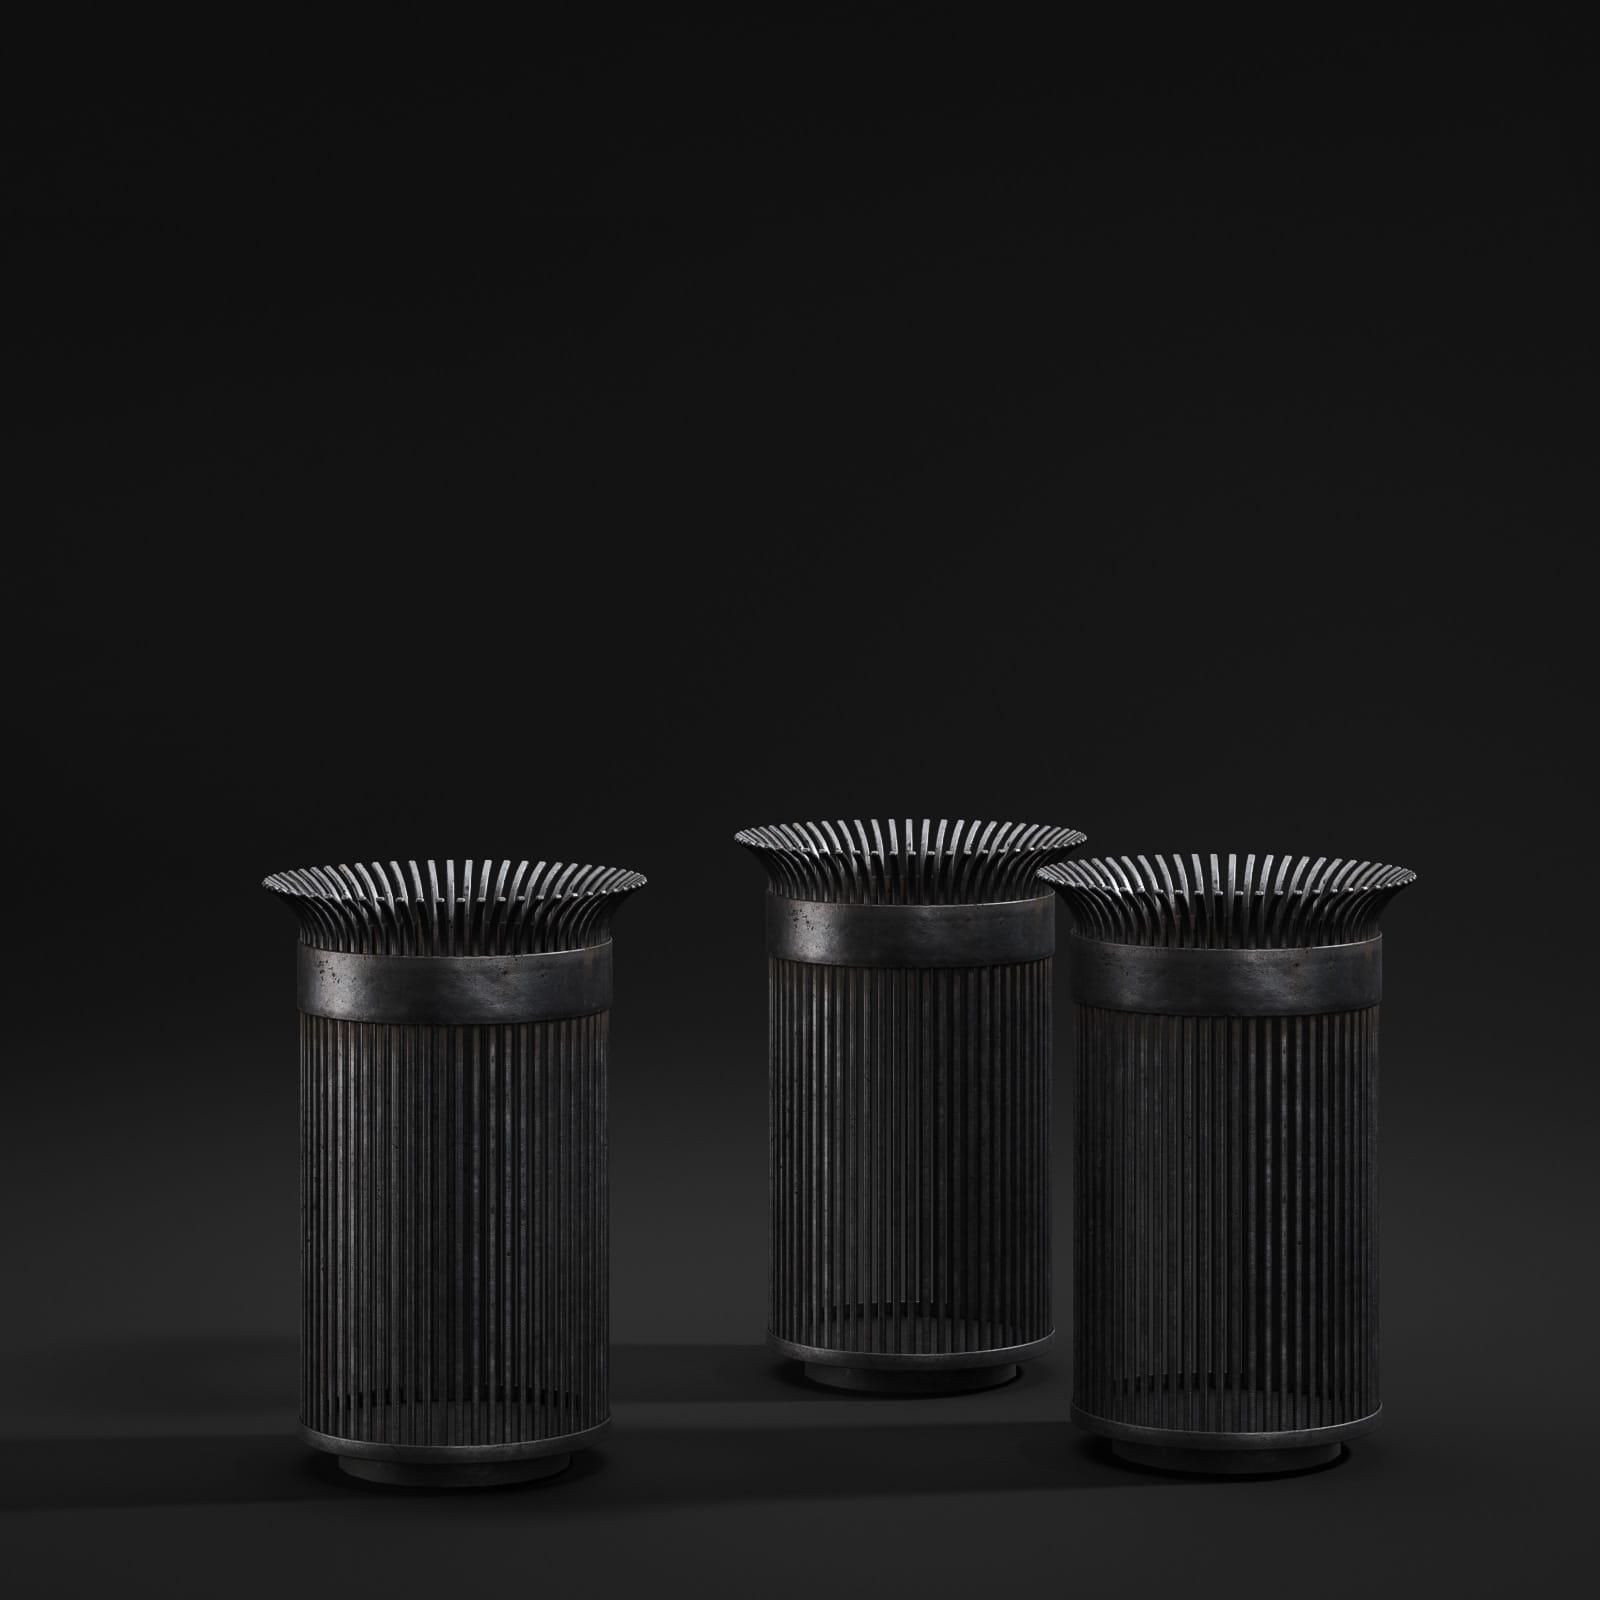 trash cans 23 AM211 Archmodels